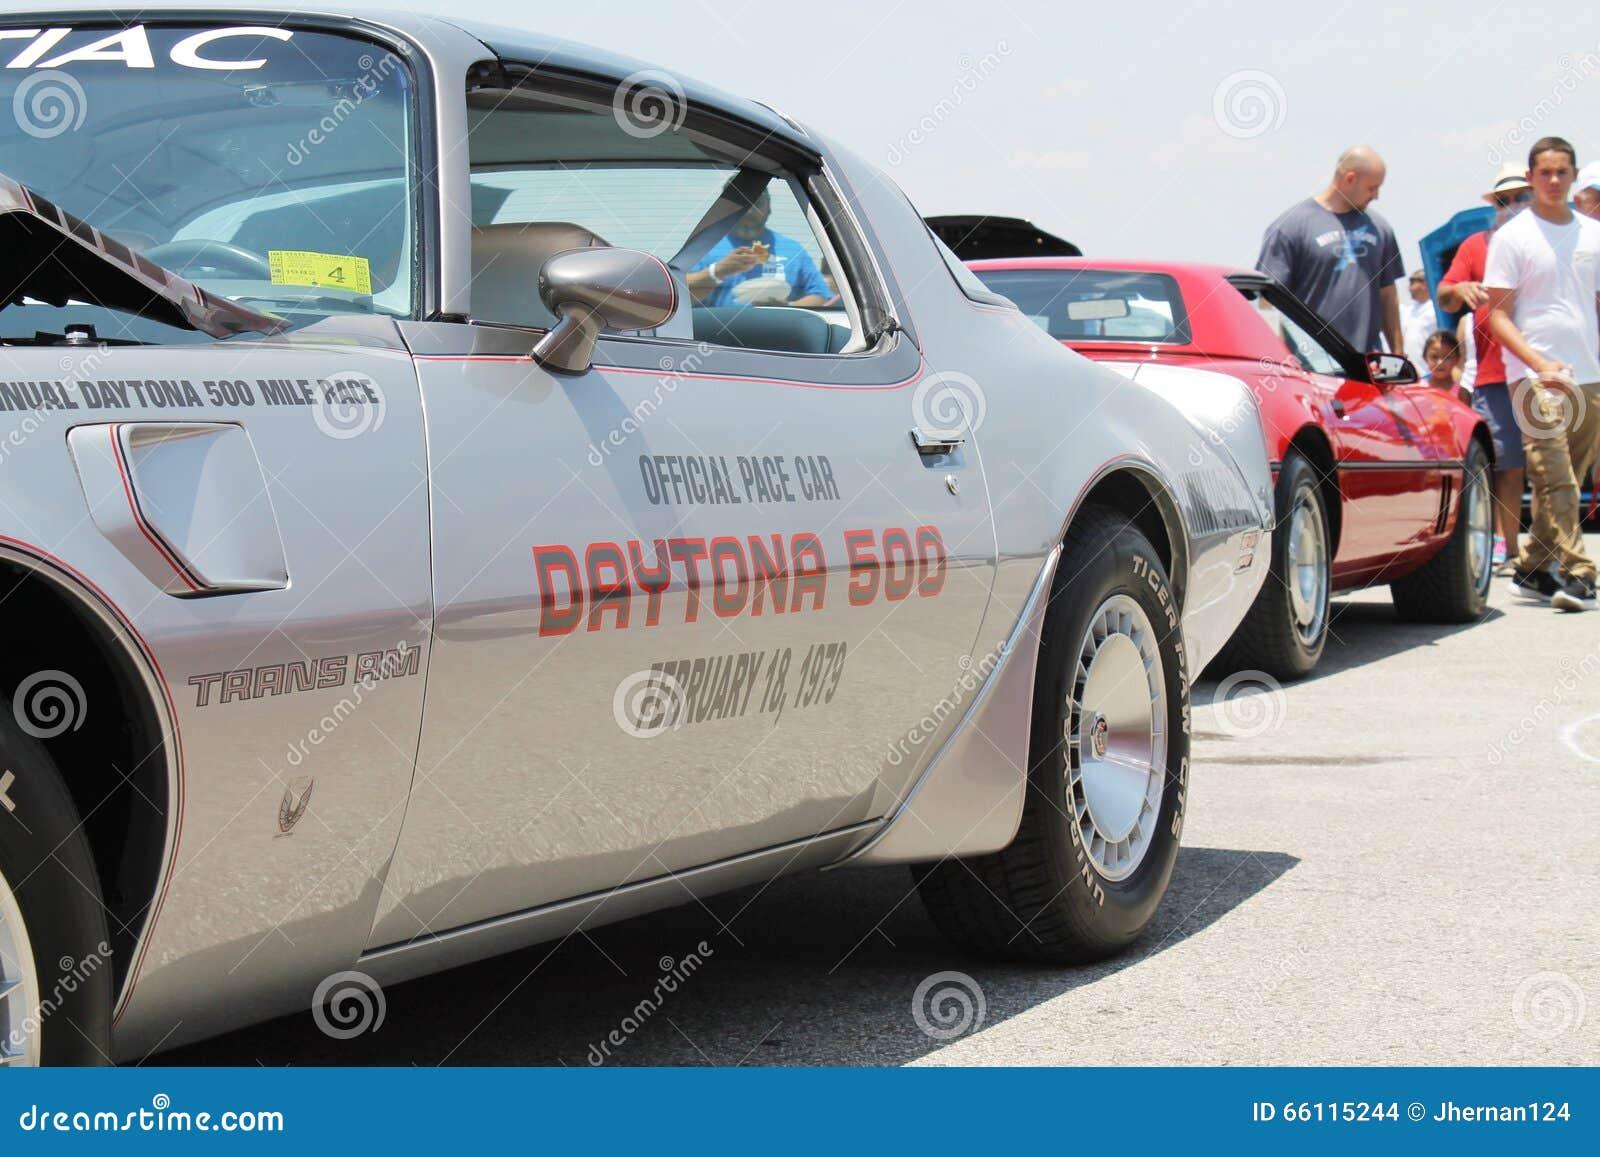 pontiac cars official site